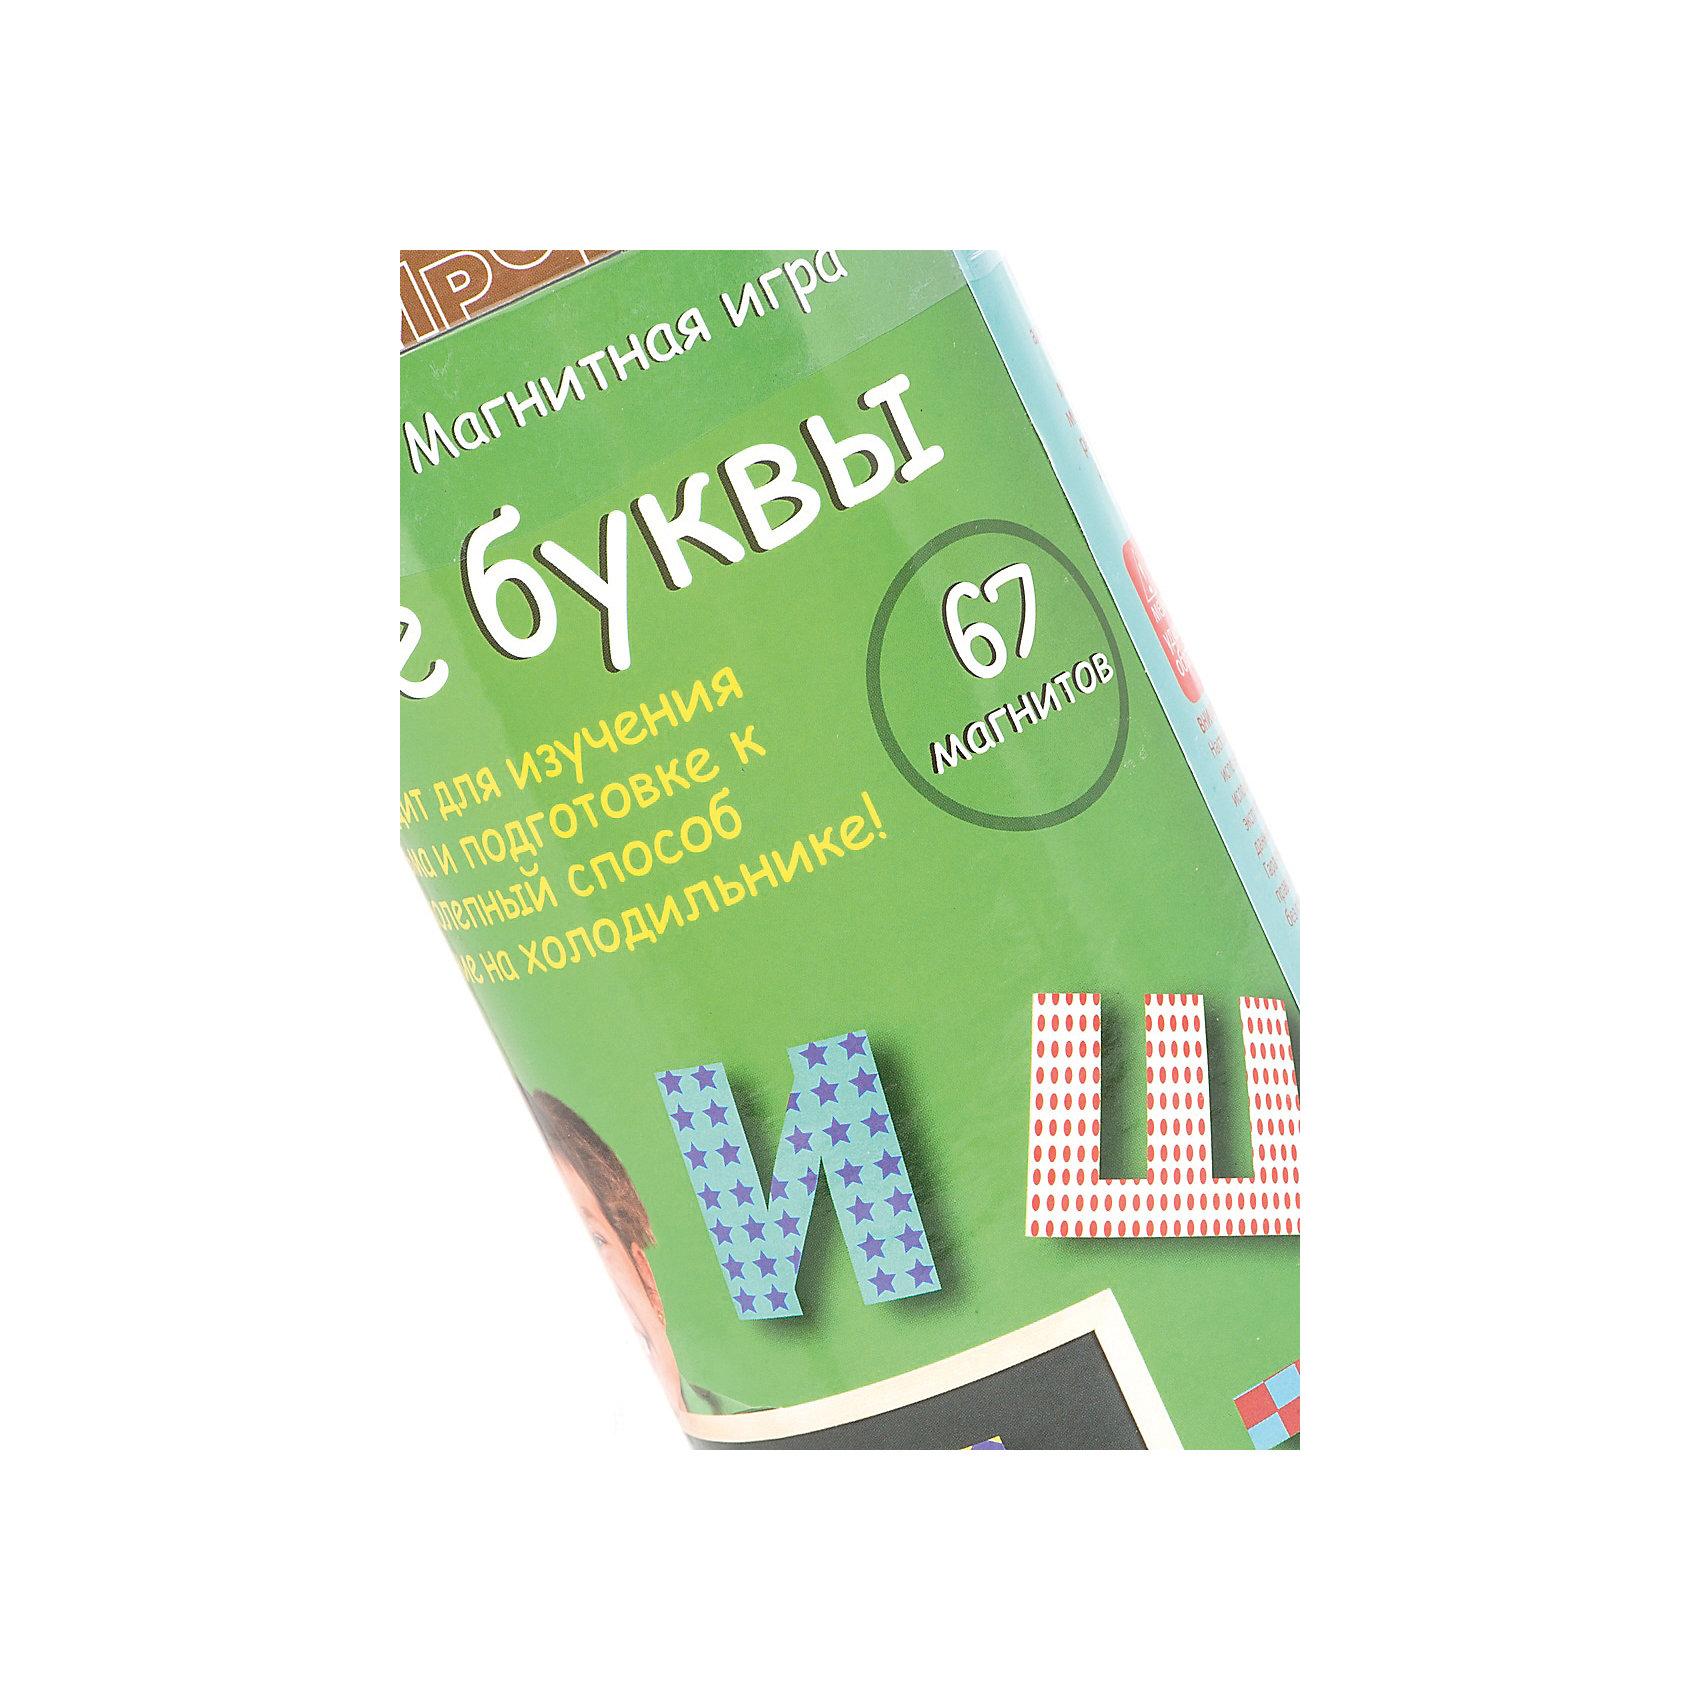 Магнитная игра Магнитные буквы русские, The Purple CowРазвивающие игры<br>Обучающий набор для детей позволяет в игровой форме обучить малыша русскому алфавиту, научить его составлять простые слоги из букв, из слогов слова. Магнитные буквы  крепятся на любую металлическую поверхность: магнитное игровое поле, магнитную сторону обучающей доски, на холодильник. Всего в комплекте 67 букв с магнитами.<br><br>Магнитную игру Магнитные буквы русские, The Purple Cow можно купить в нашем интернет-магазине.<br><br>Ширина мм: 25<br>Глубина мм: 10<br>Высота мм: 10<br>Вес г: 328<br>Возраст от месяцев: 36<br>Возраст до месяцев: 2147483647<br>Пол: Унисекс<br>Возраст: Детский<br>SKU: 5007044